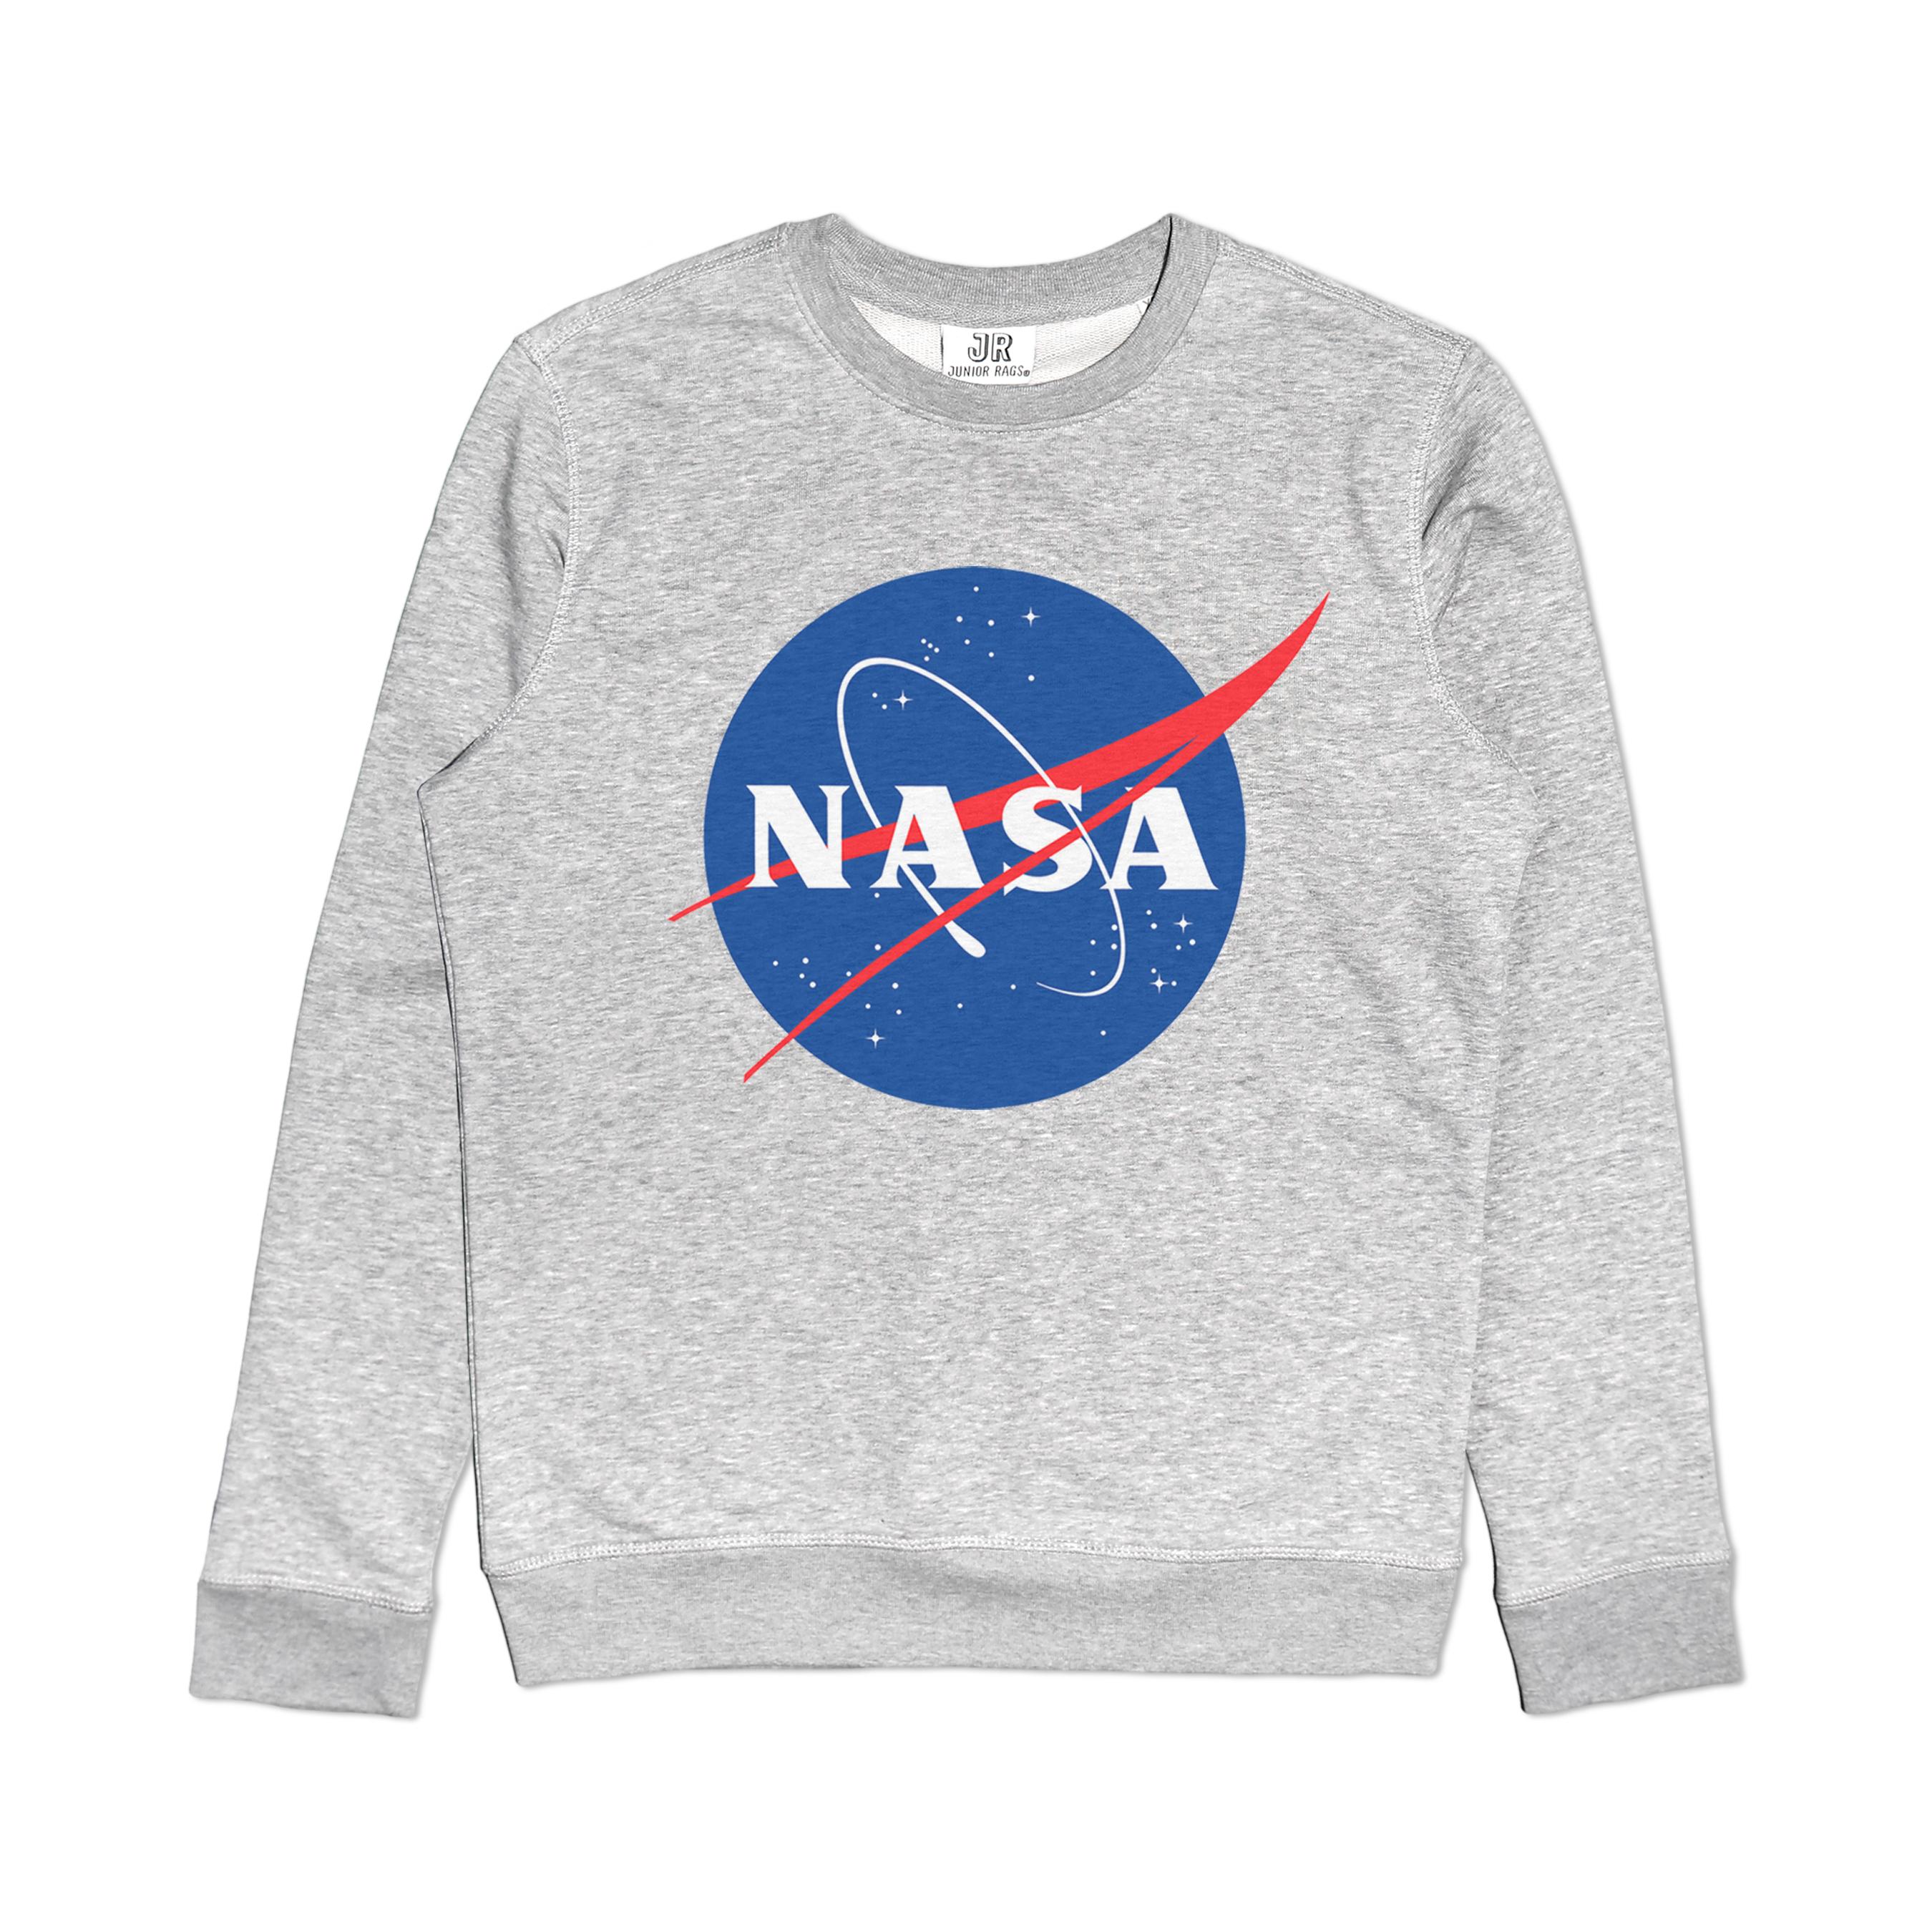 official nasa sweatshirt - HD2700×2700